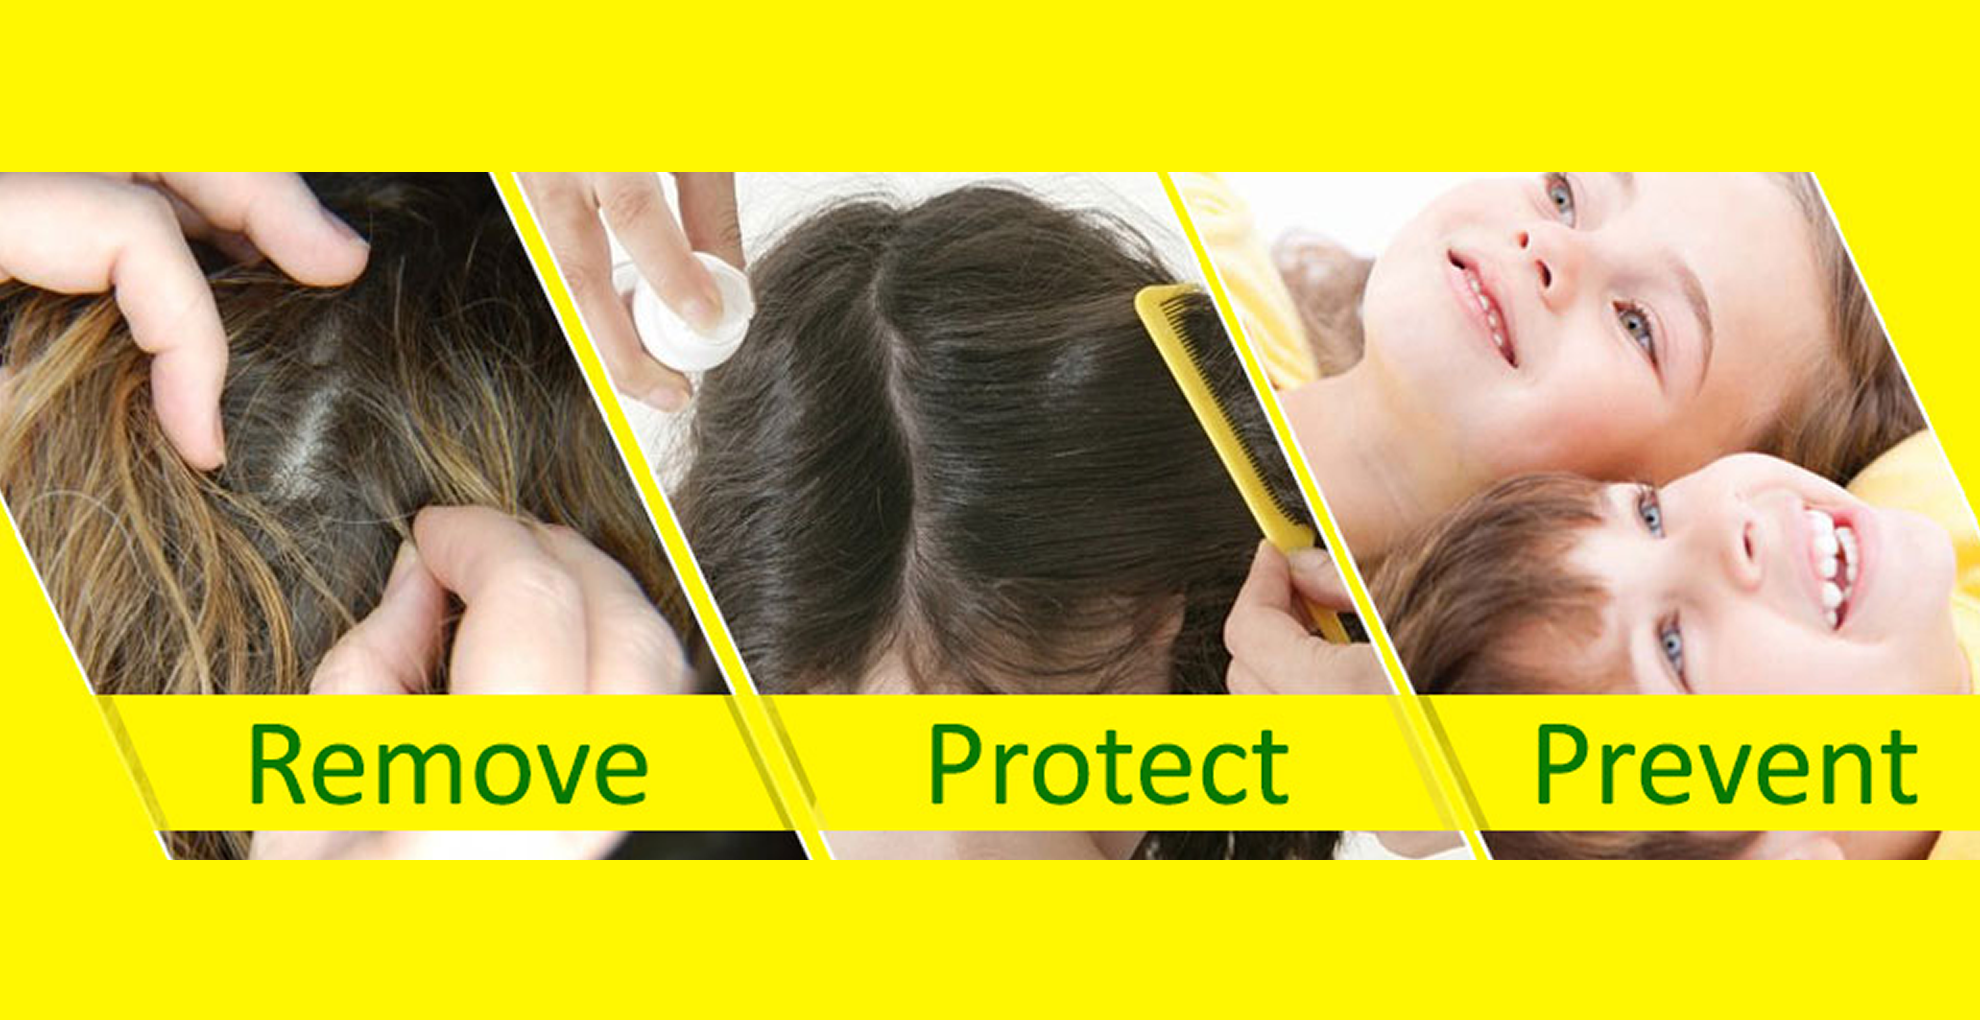 Remove Protect Prevent